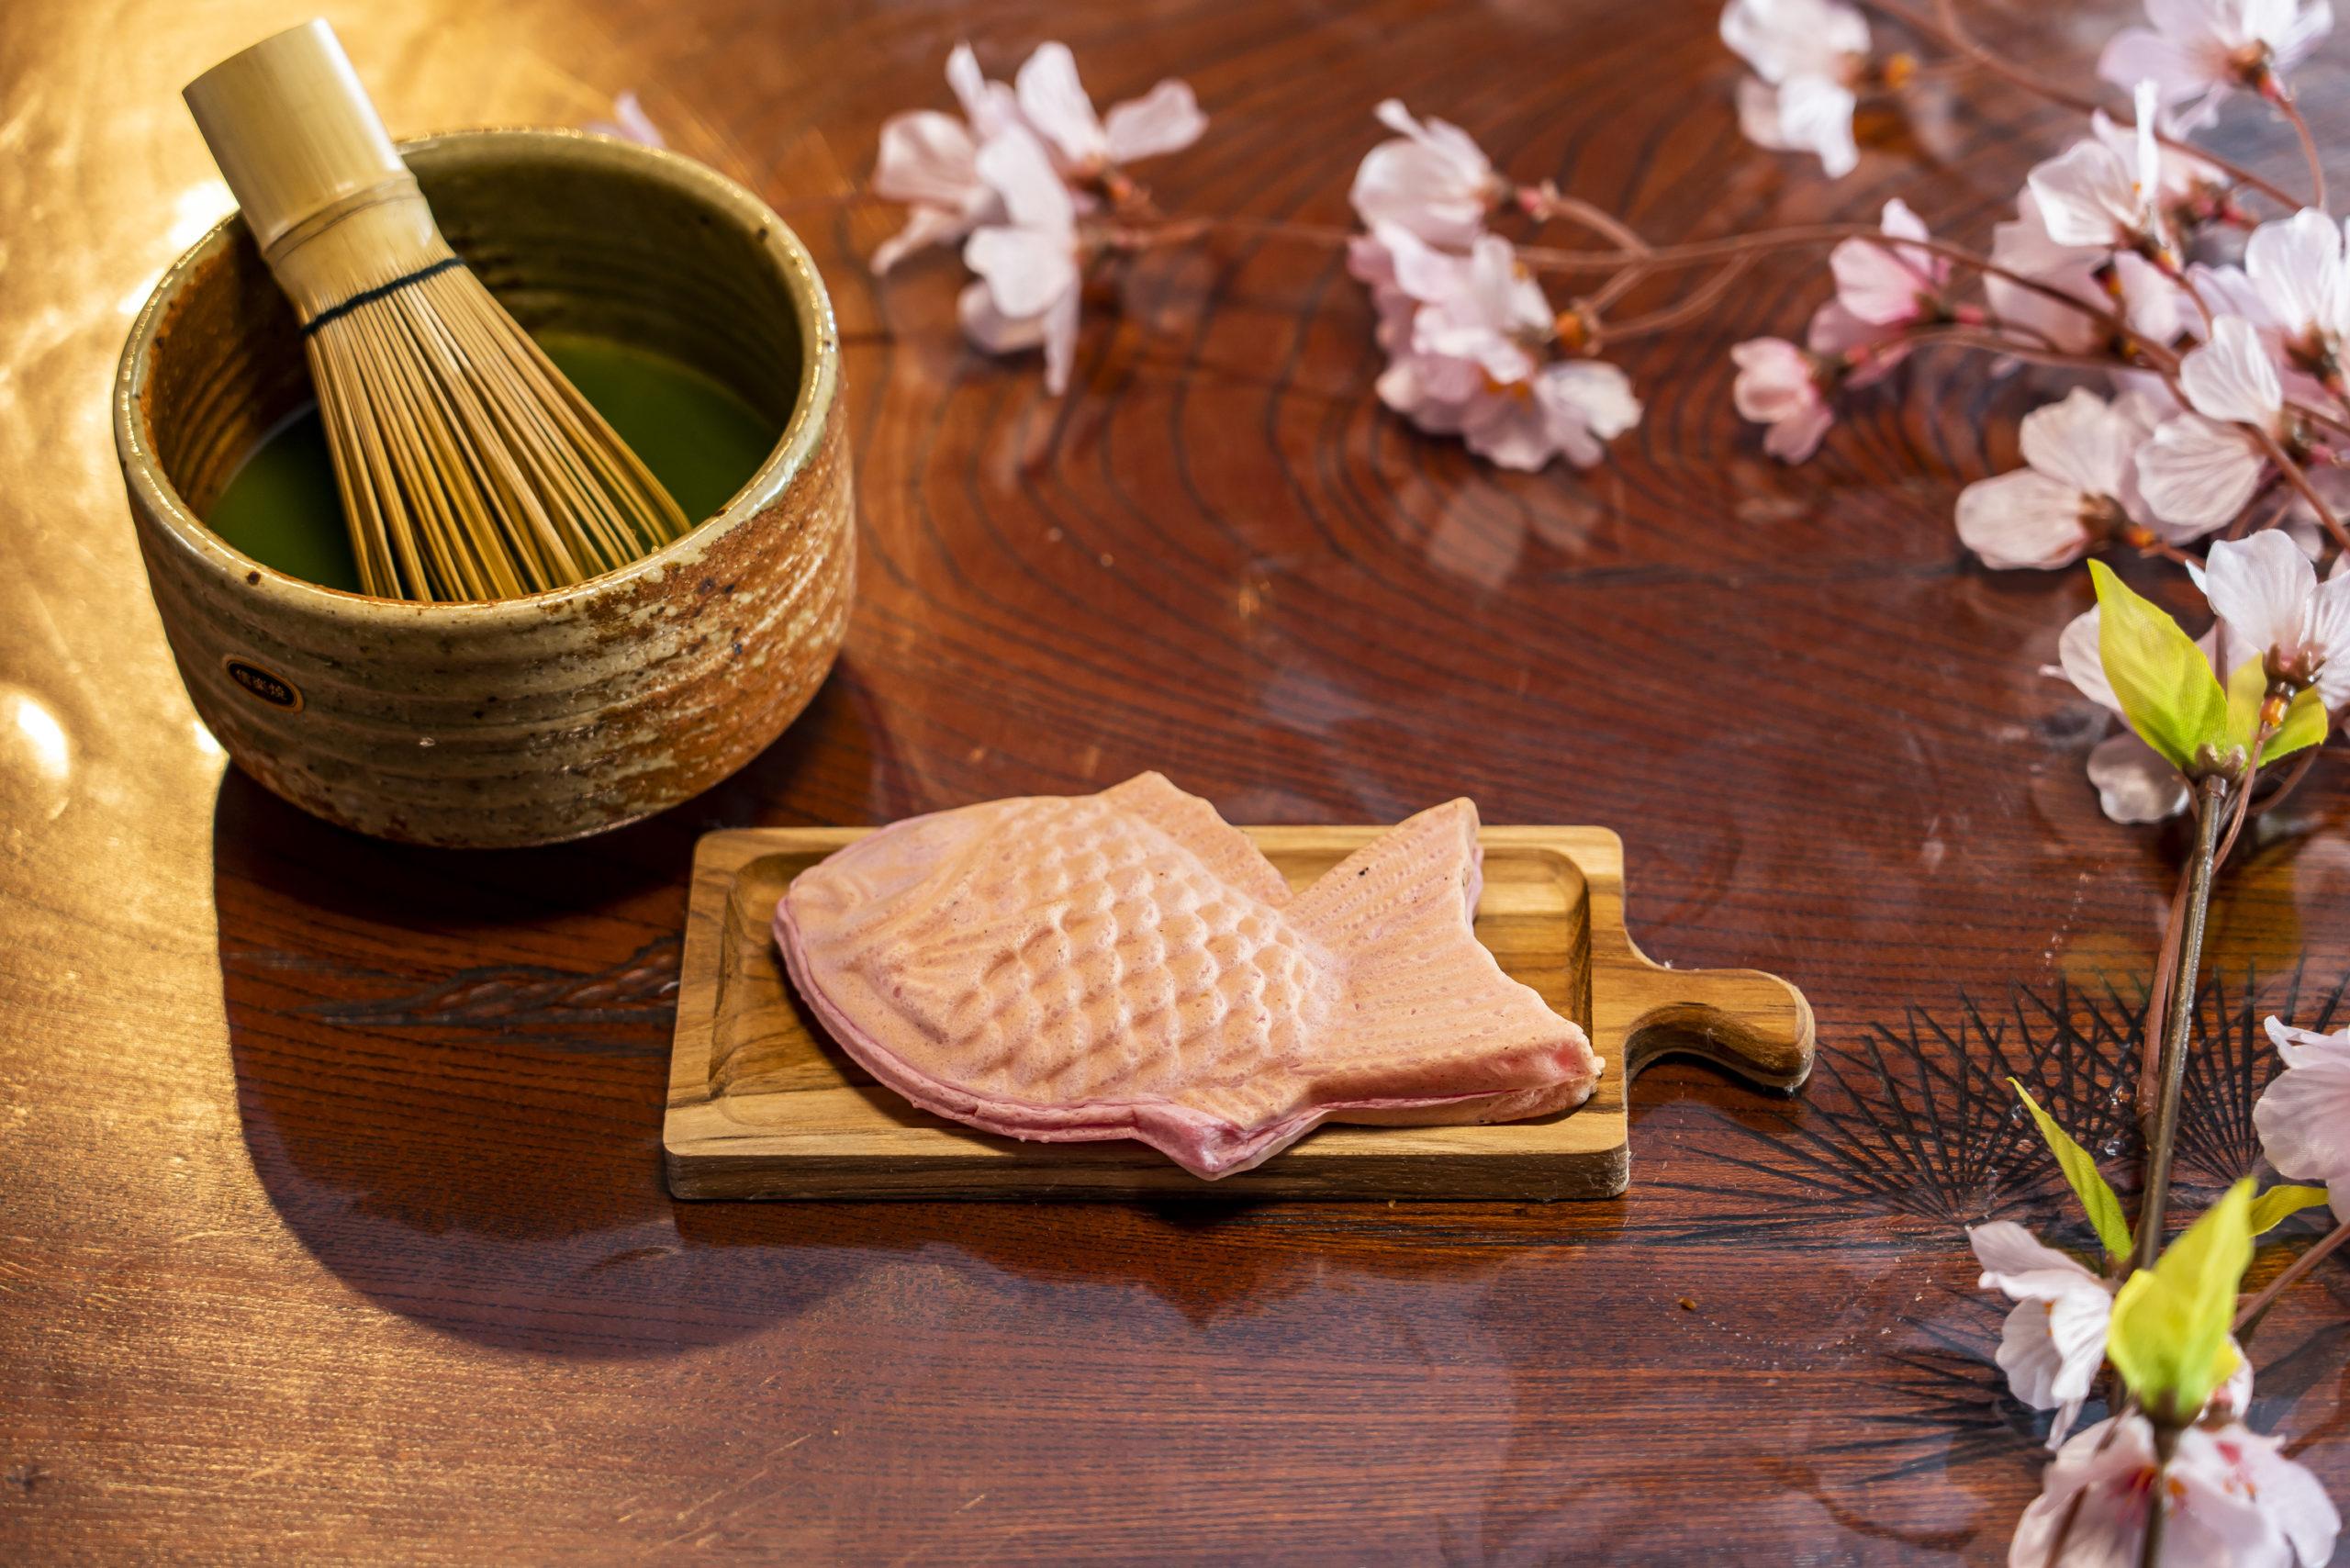 季節限定 桜🌸たい焼き はじまめした!